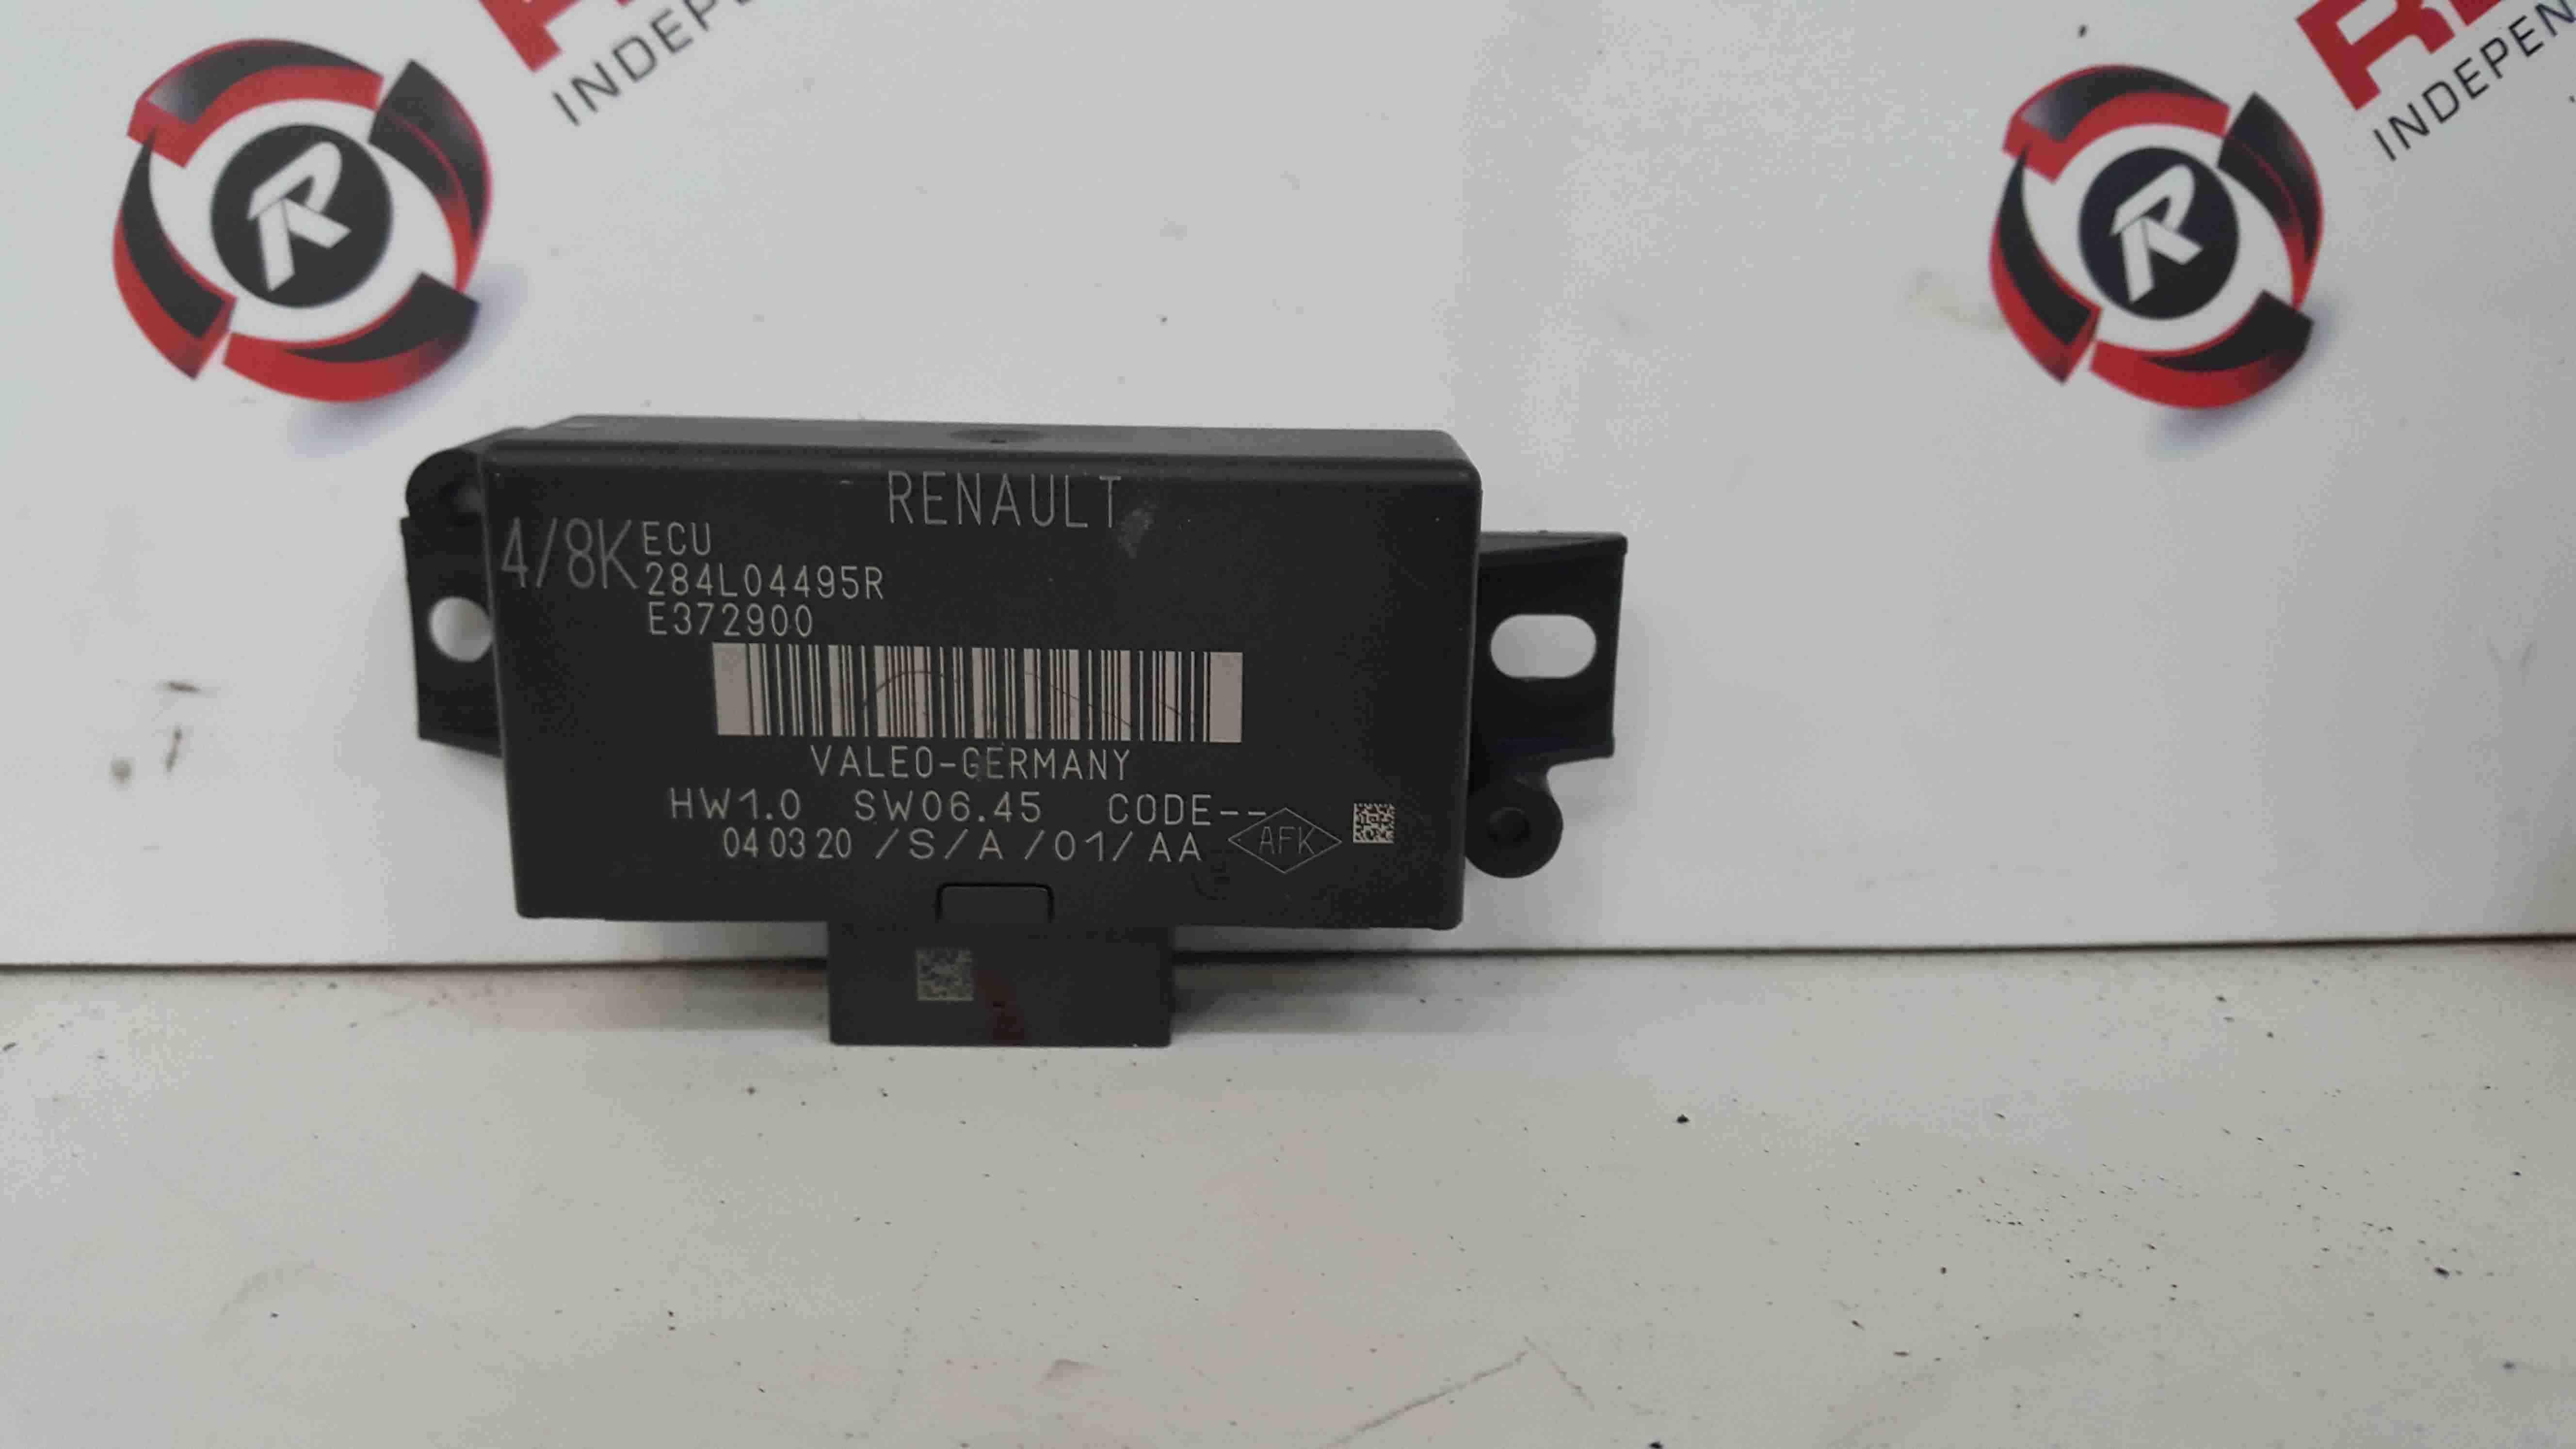 Renault Captur 2019-2021 Parking Aid Control Module Unit 284L04495R